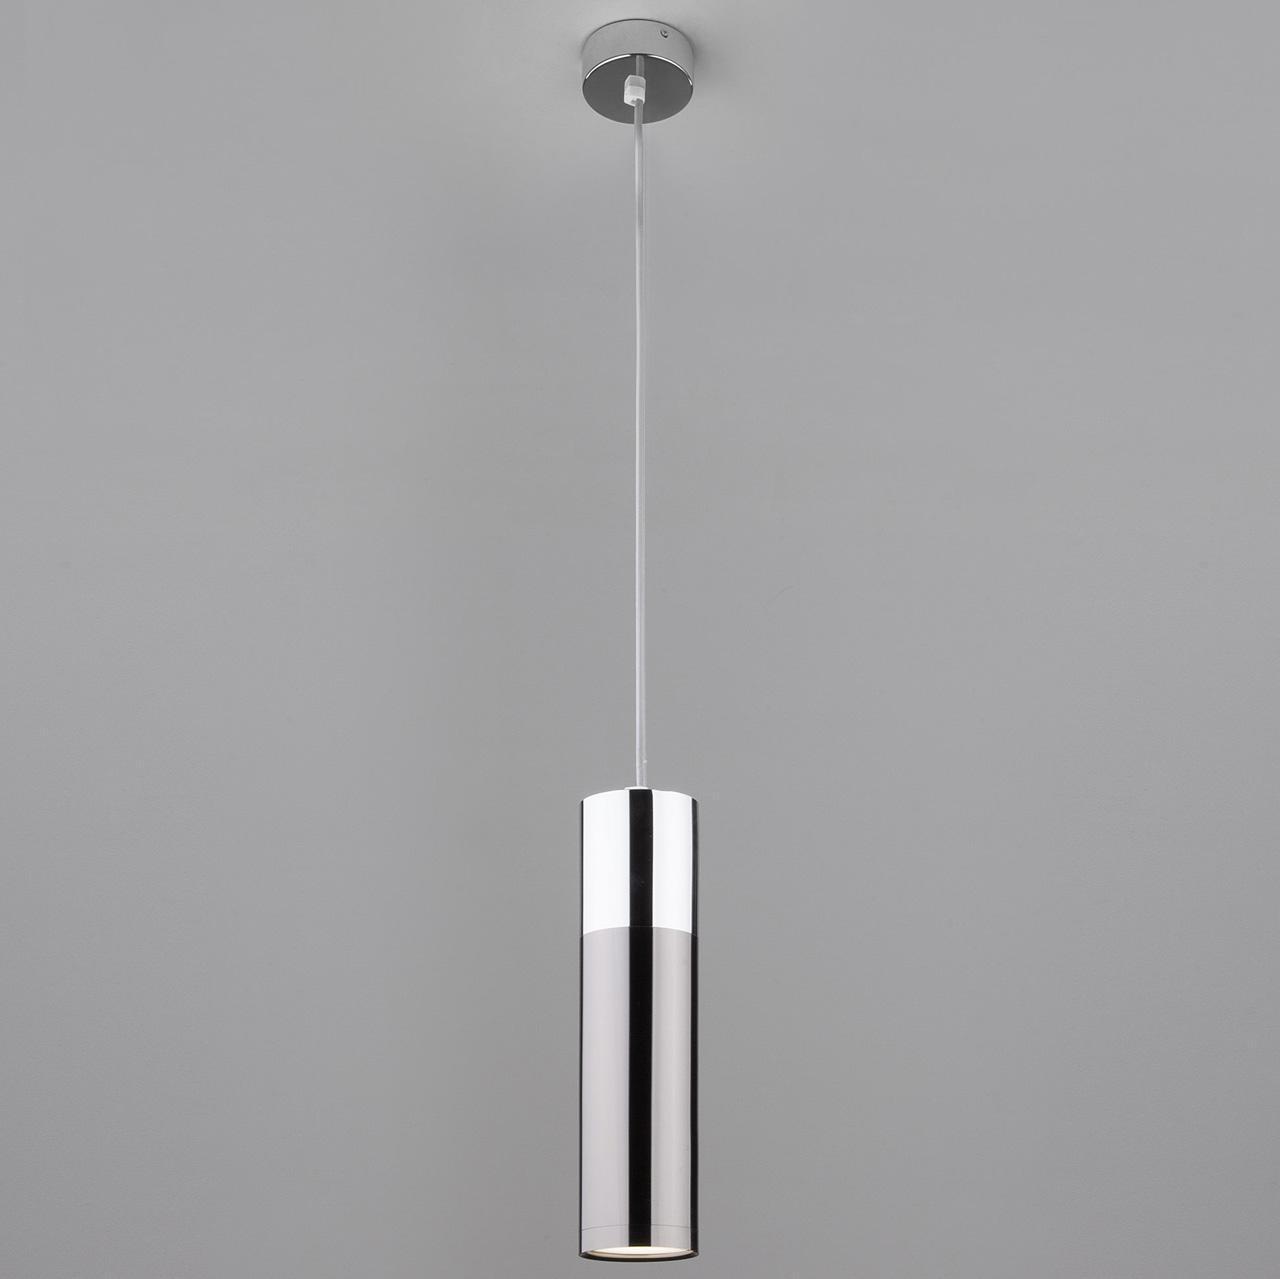 Подвесной светильник Eurosvet Double Topper 50135/1 LED хром/черный жемчуг